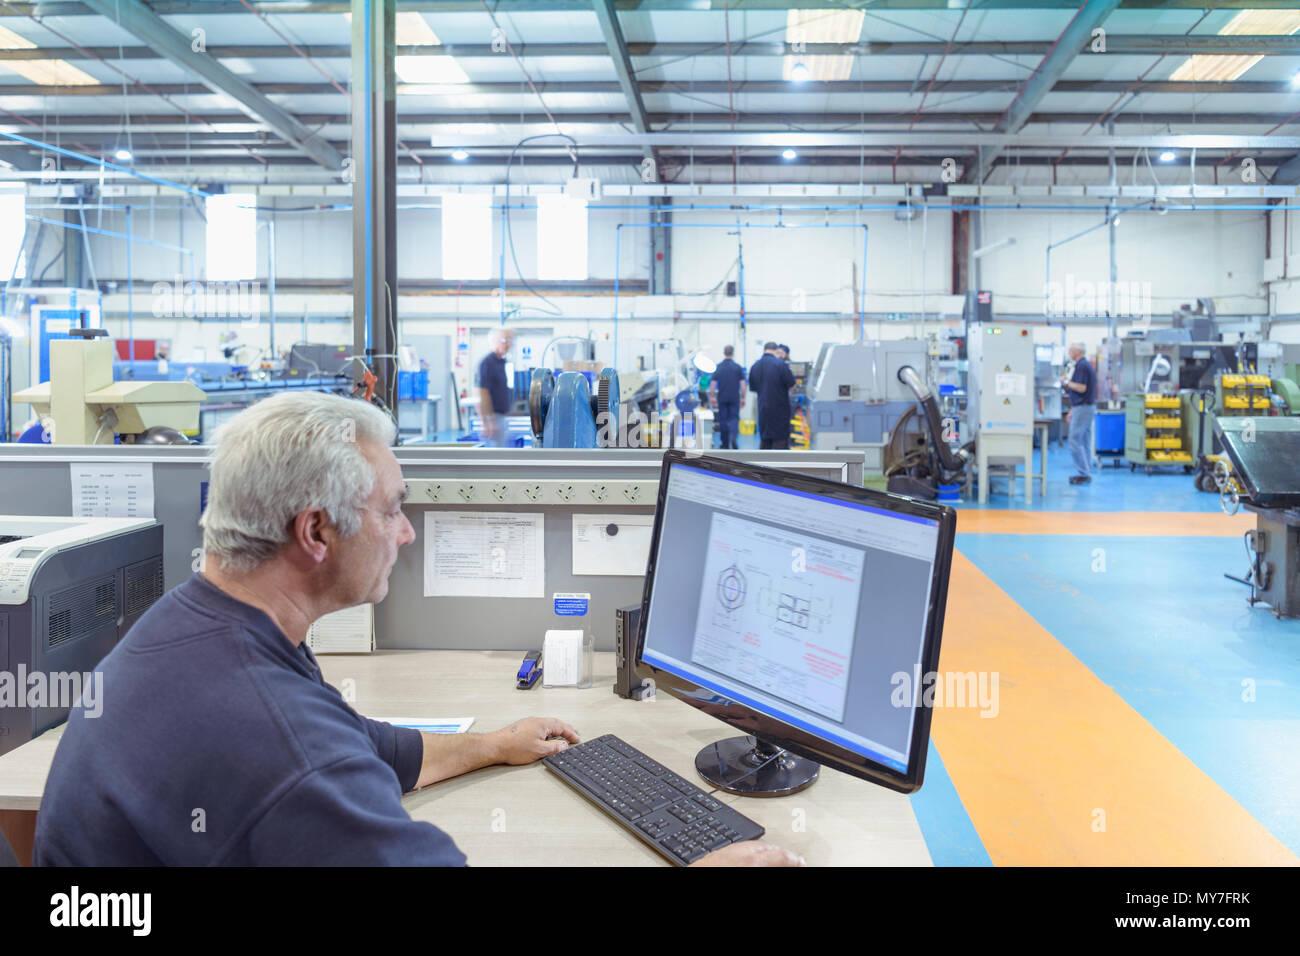 Vue grand angle de l'ingénieur l'envoi d'instructions à l'usine en ingénierie des machines de fraisage Photo Stock